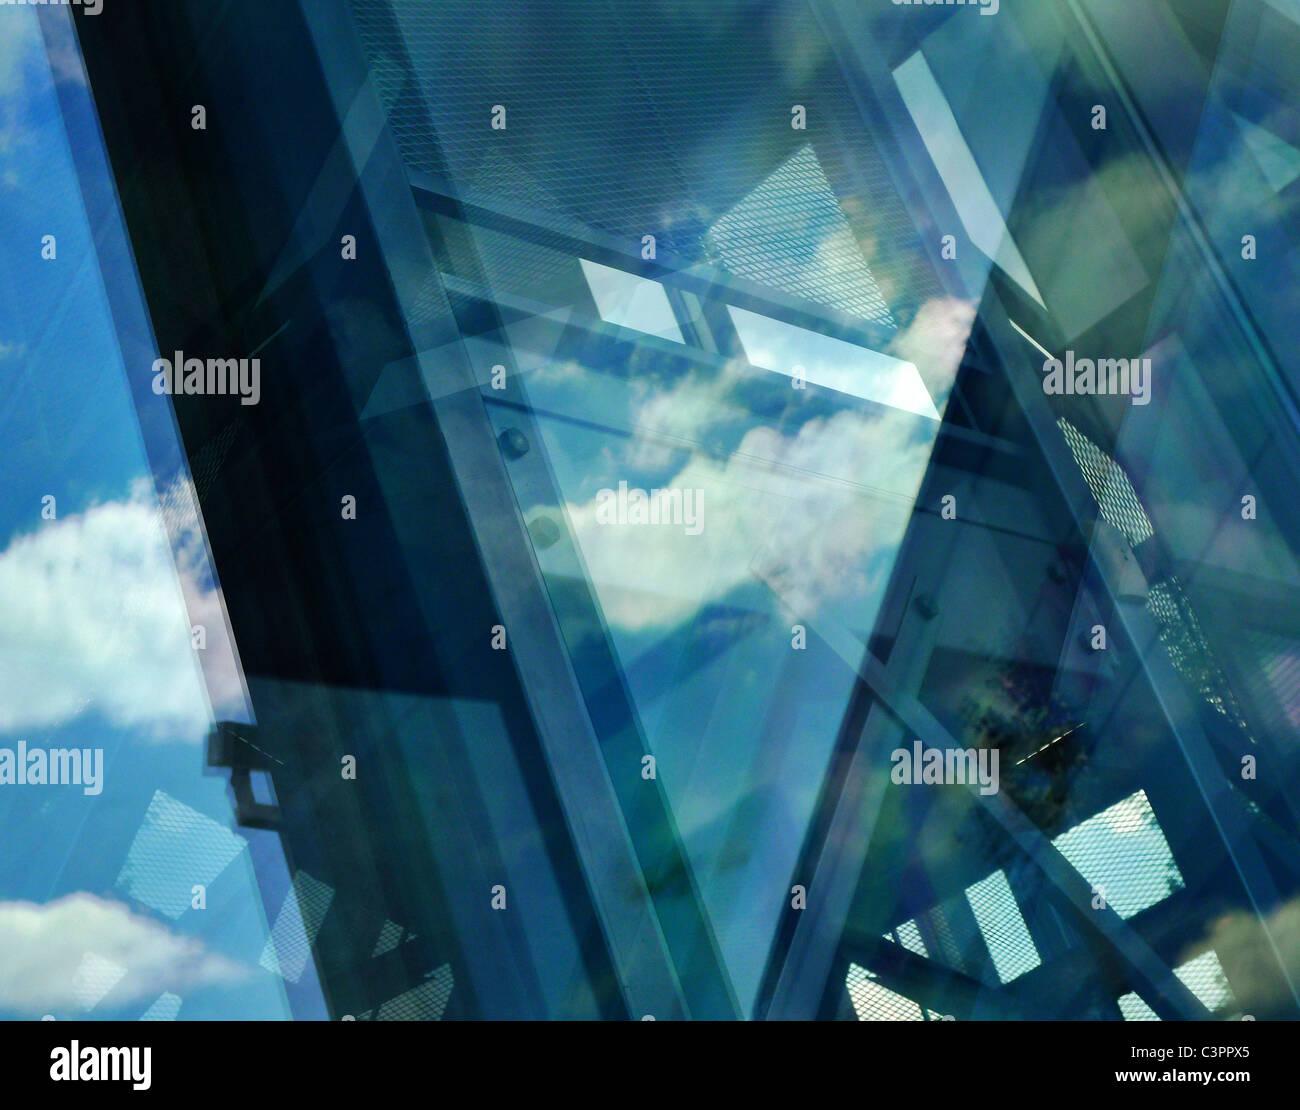 Abstract che riflette la composizione architettonica. Immagini Stock